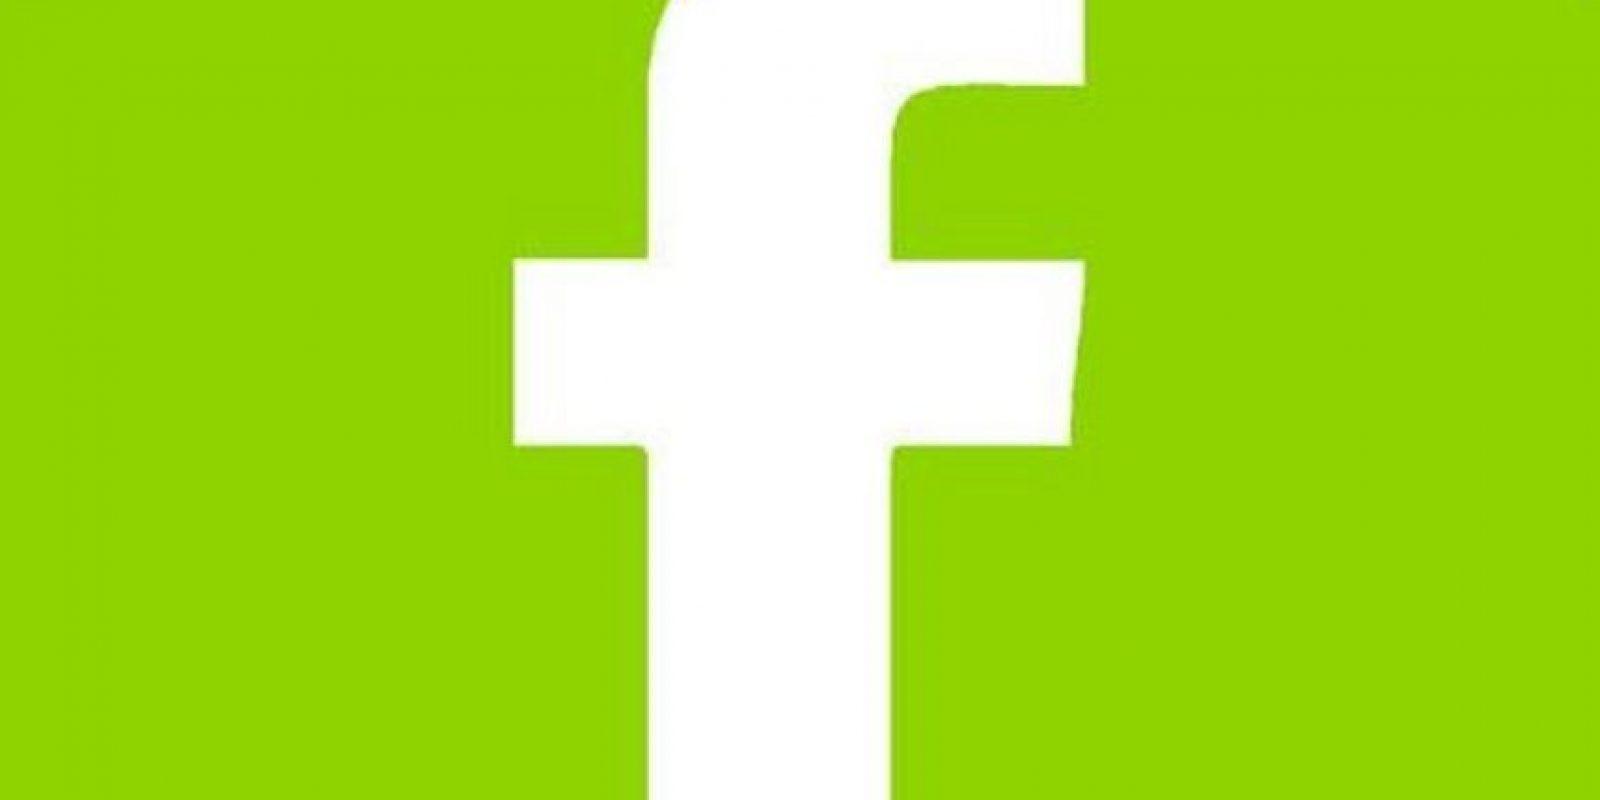 Facebook verde, la nueva estafa en la red social. Foto:Twitter